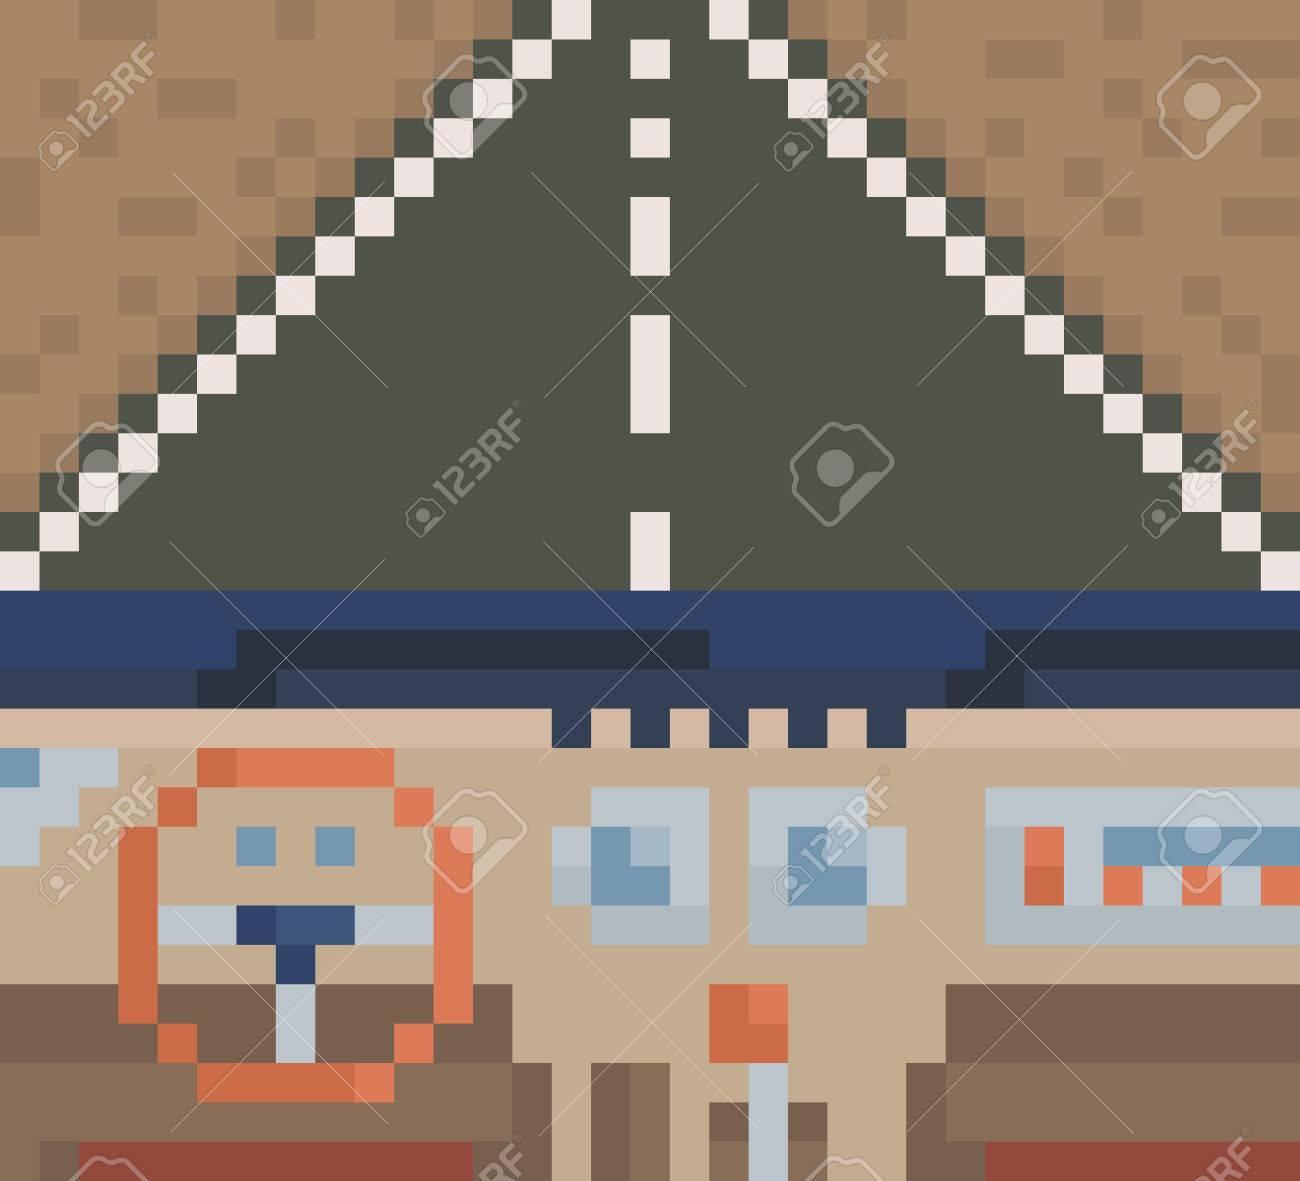 Habitacle De Voiture Vue De Lintérieur De La Voiture Vecteur Pixel Art Illustration Brune